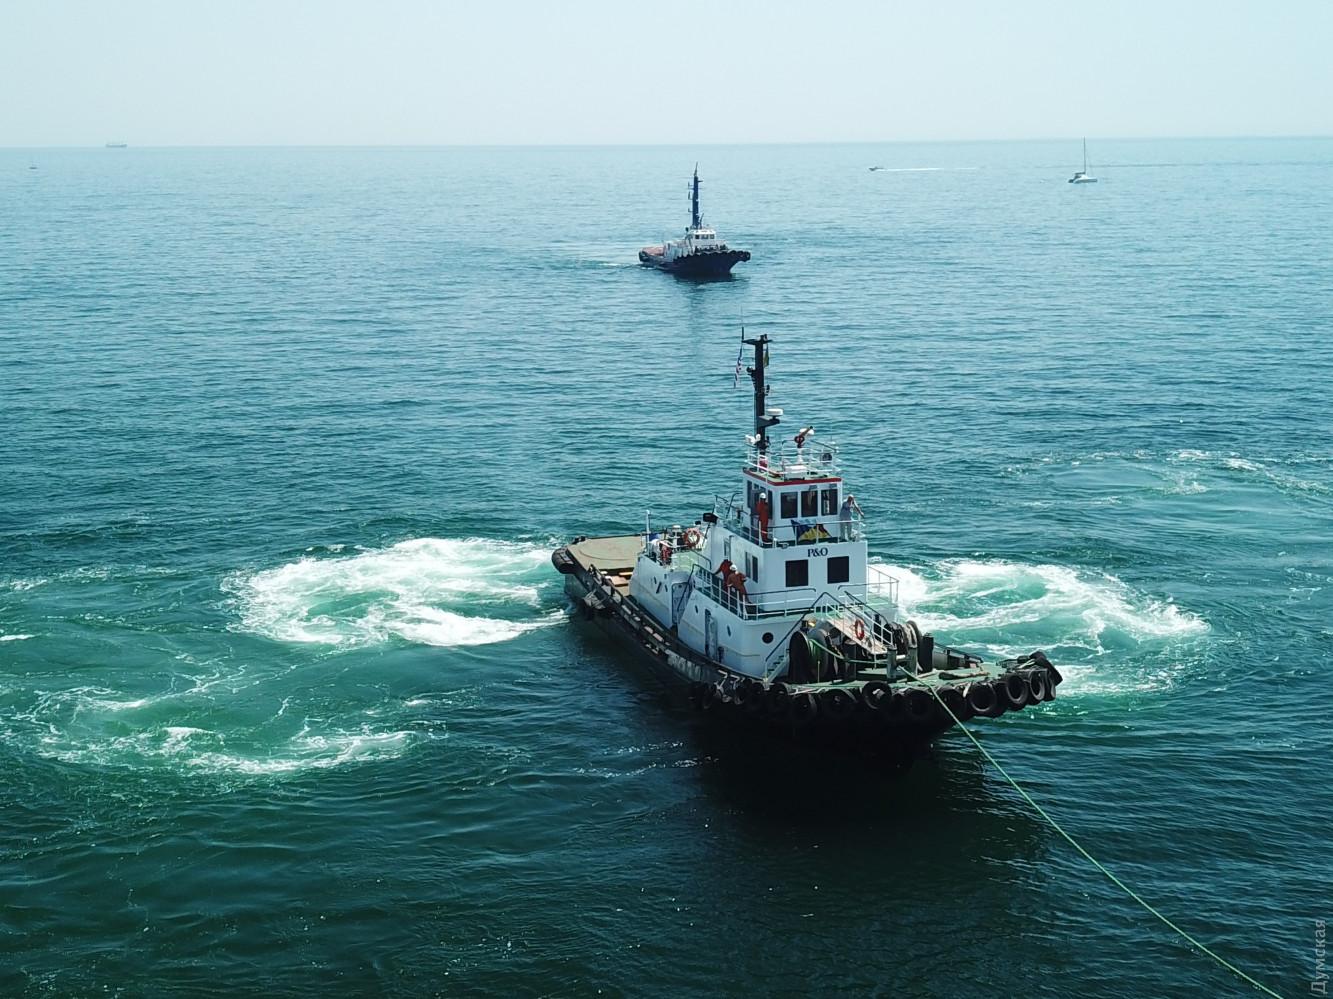 В Одессе занялись заброшенным Delfi: появились фото, как поднимают танкер - фото 2